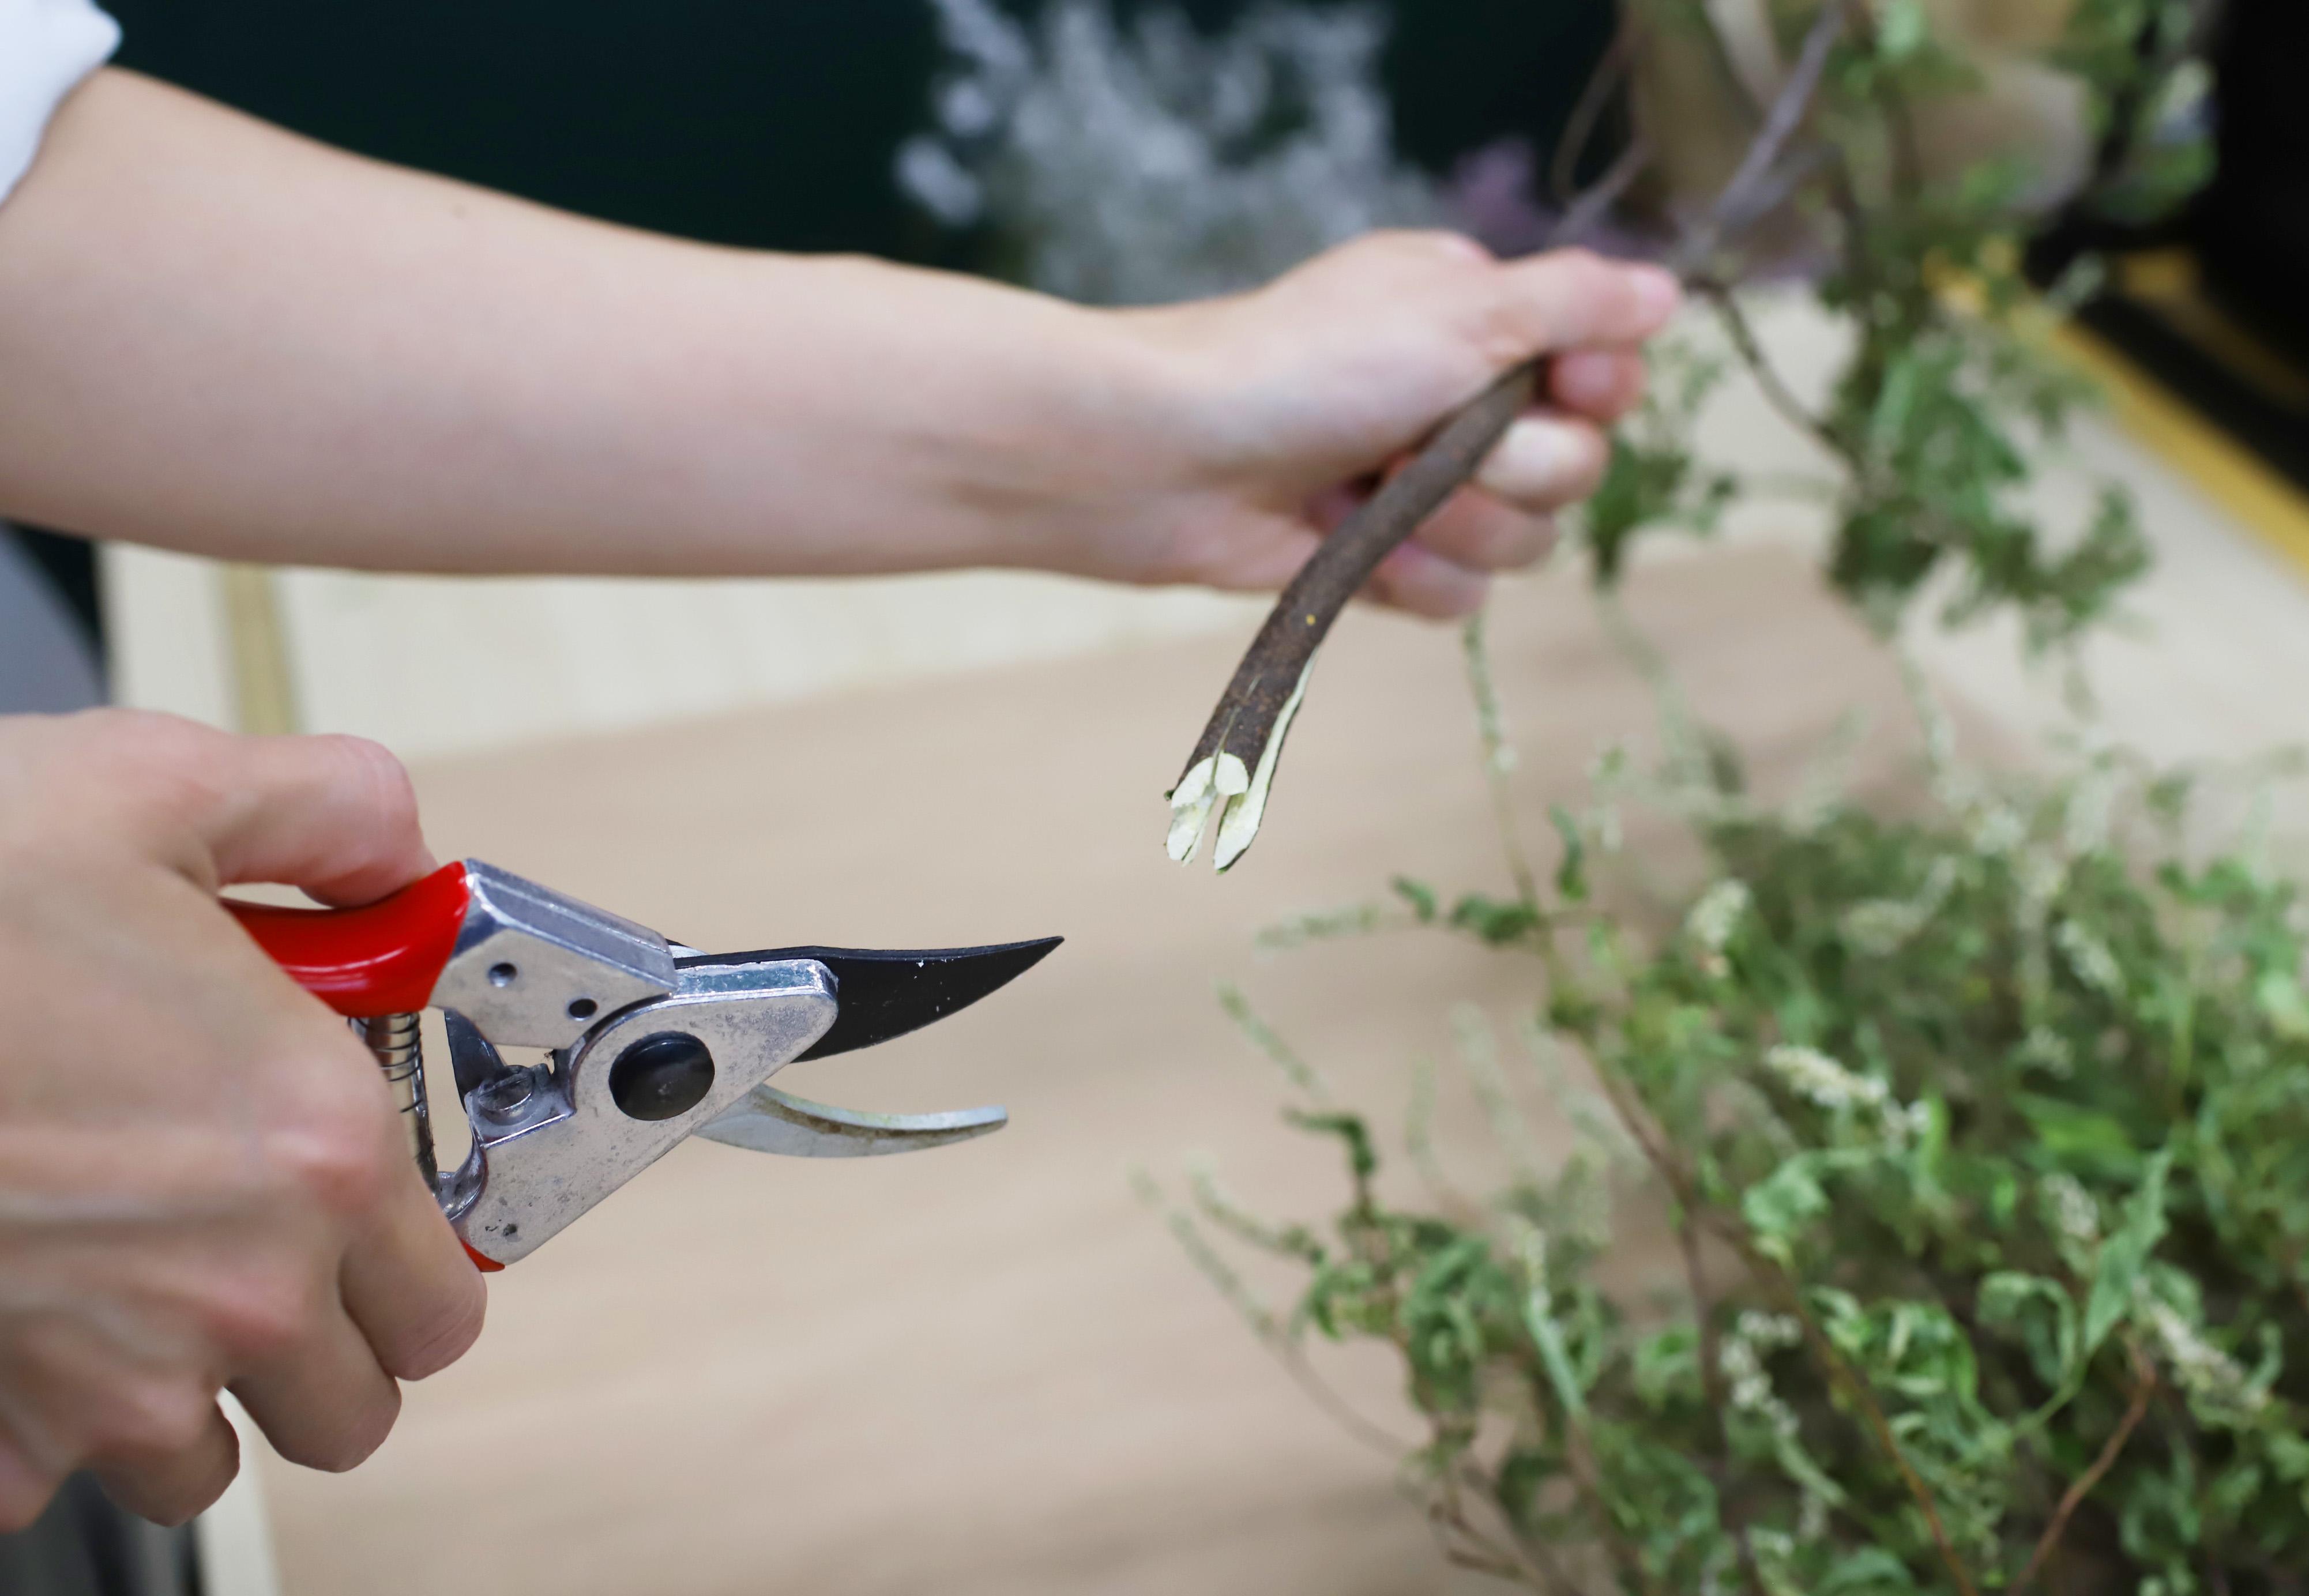 枝の根元(3~5cm程度)を十文字に割ったり、ハンマーで叩くなどして繊維をほぐしてあげることで、吸水面が広がりますよ。